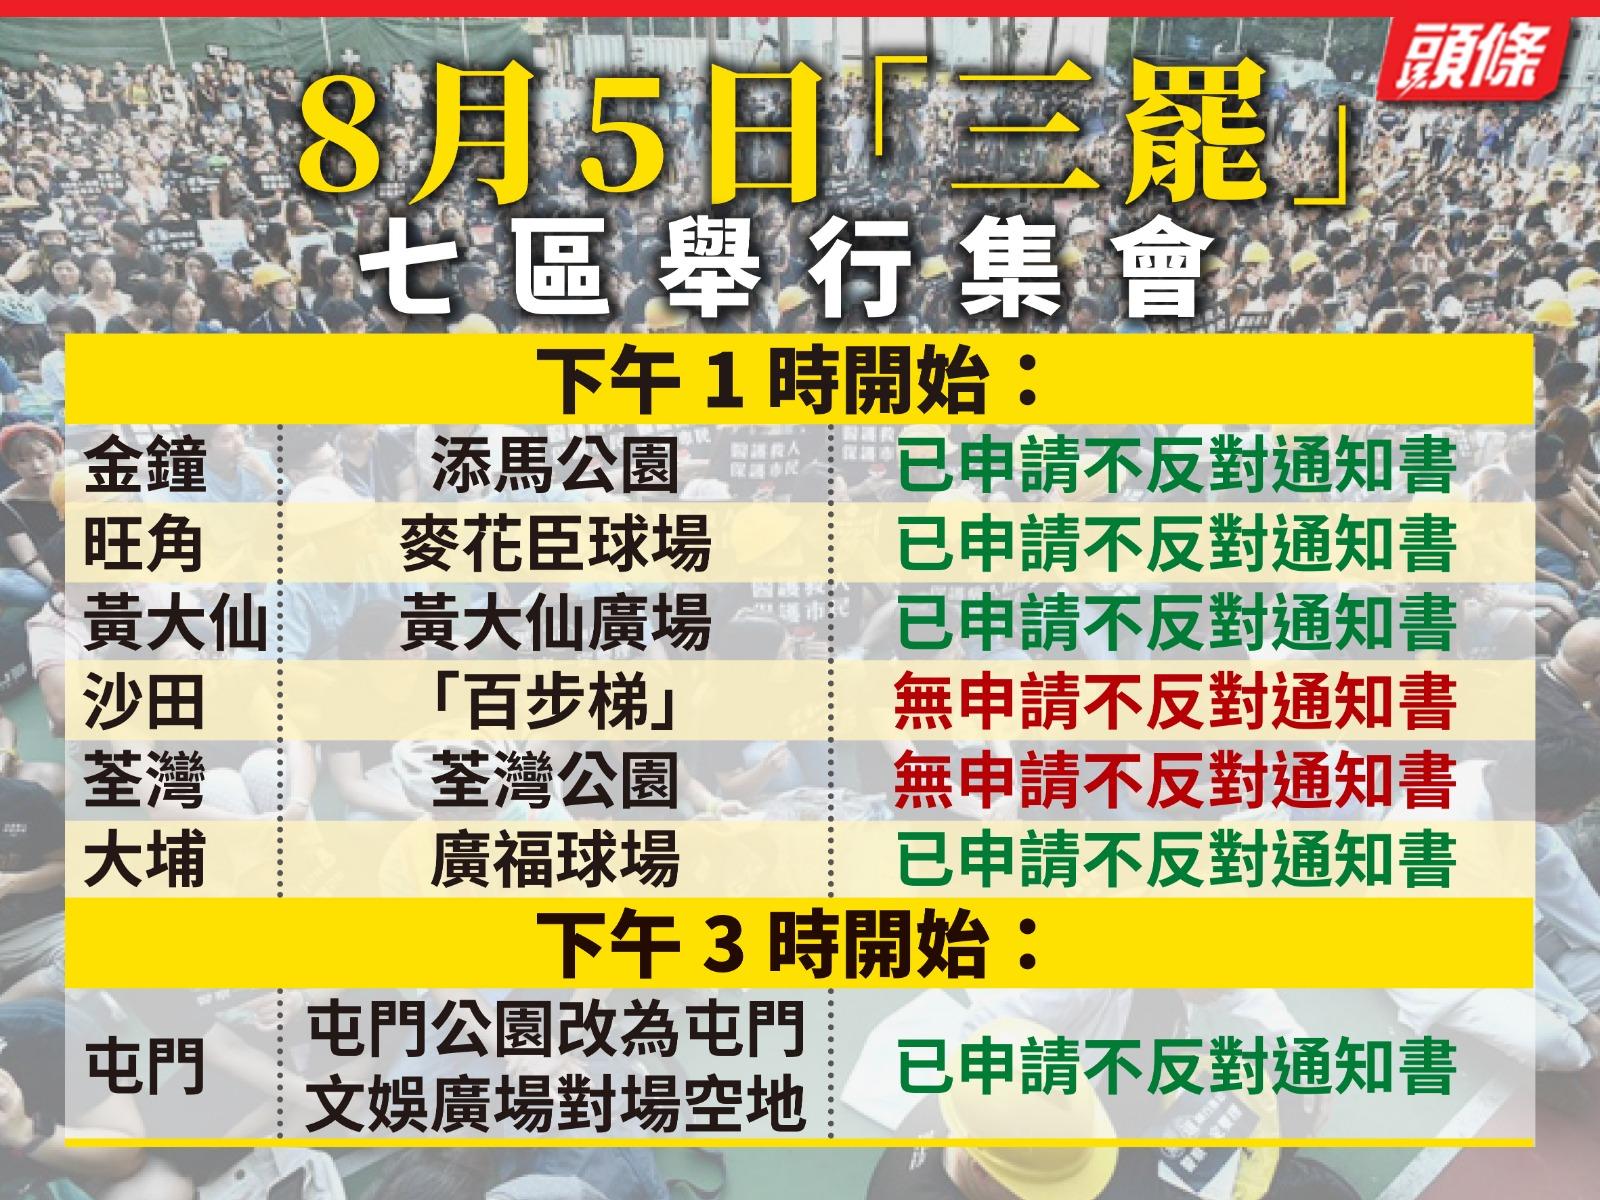 【8.5三罷】七區舉行集會 部分地區無申請不反對通知書